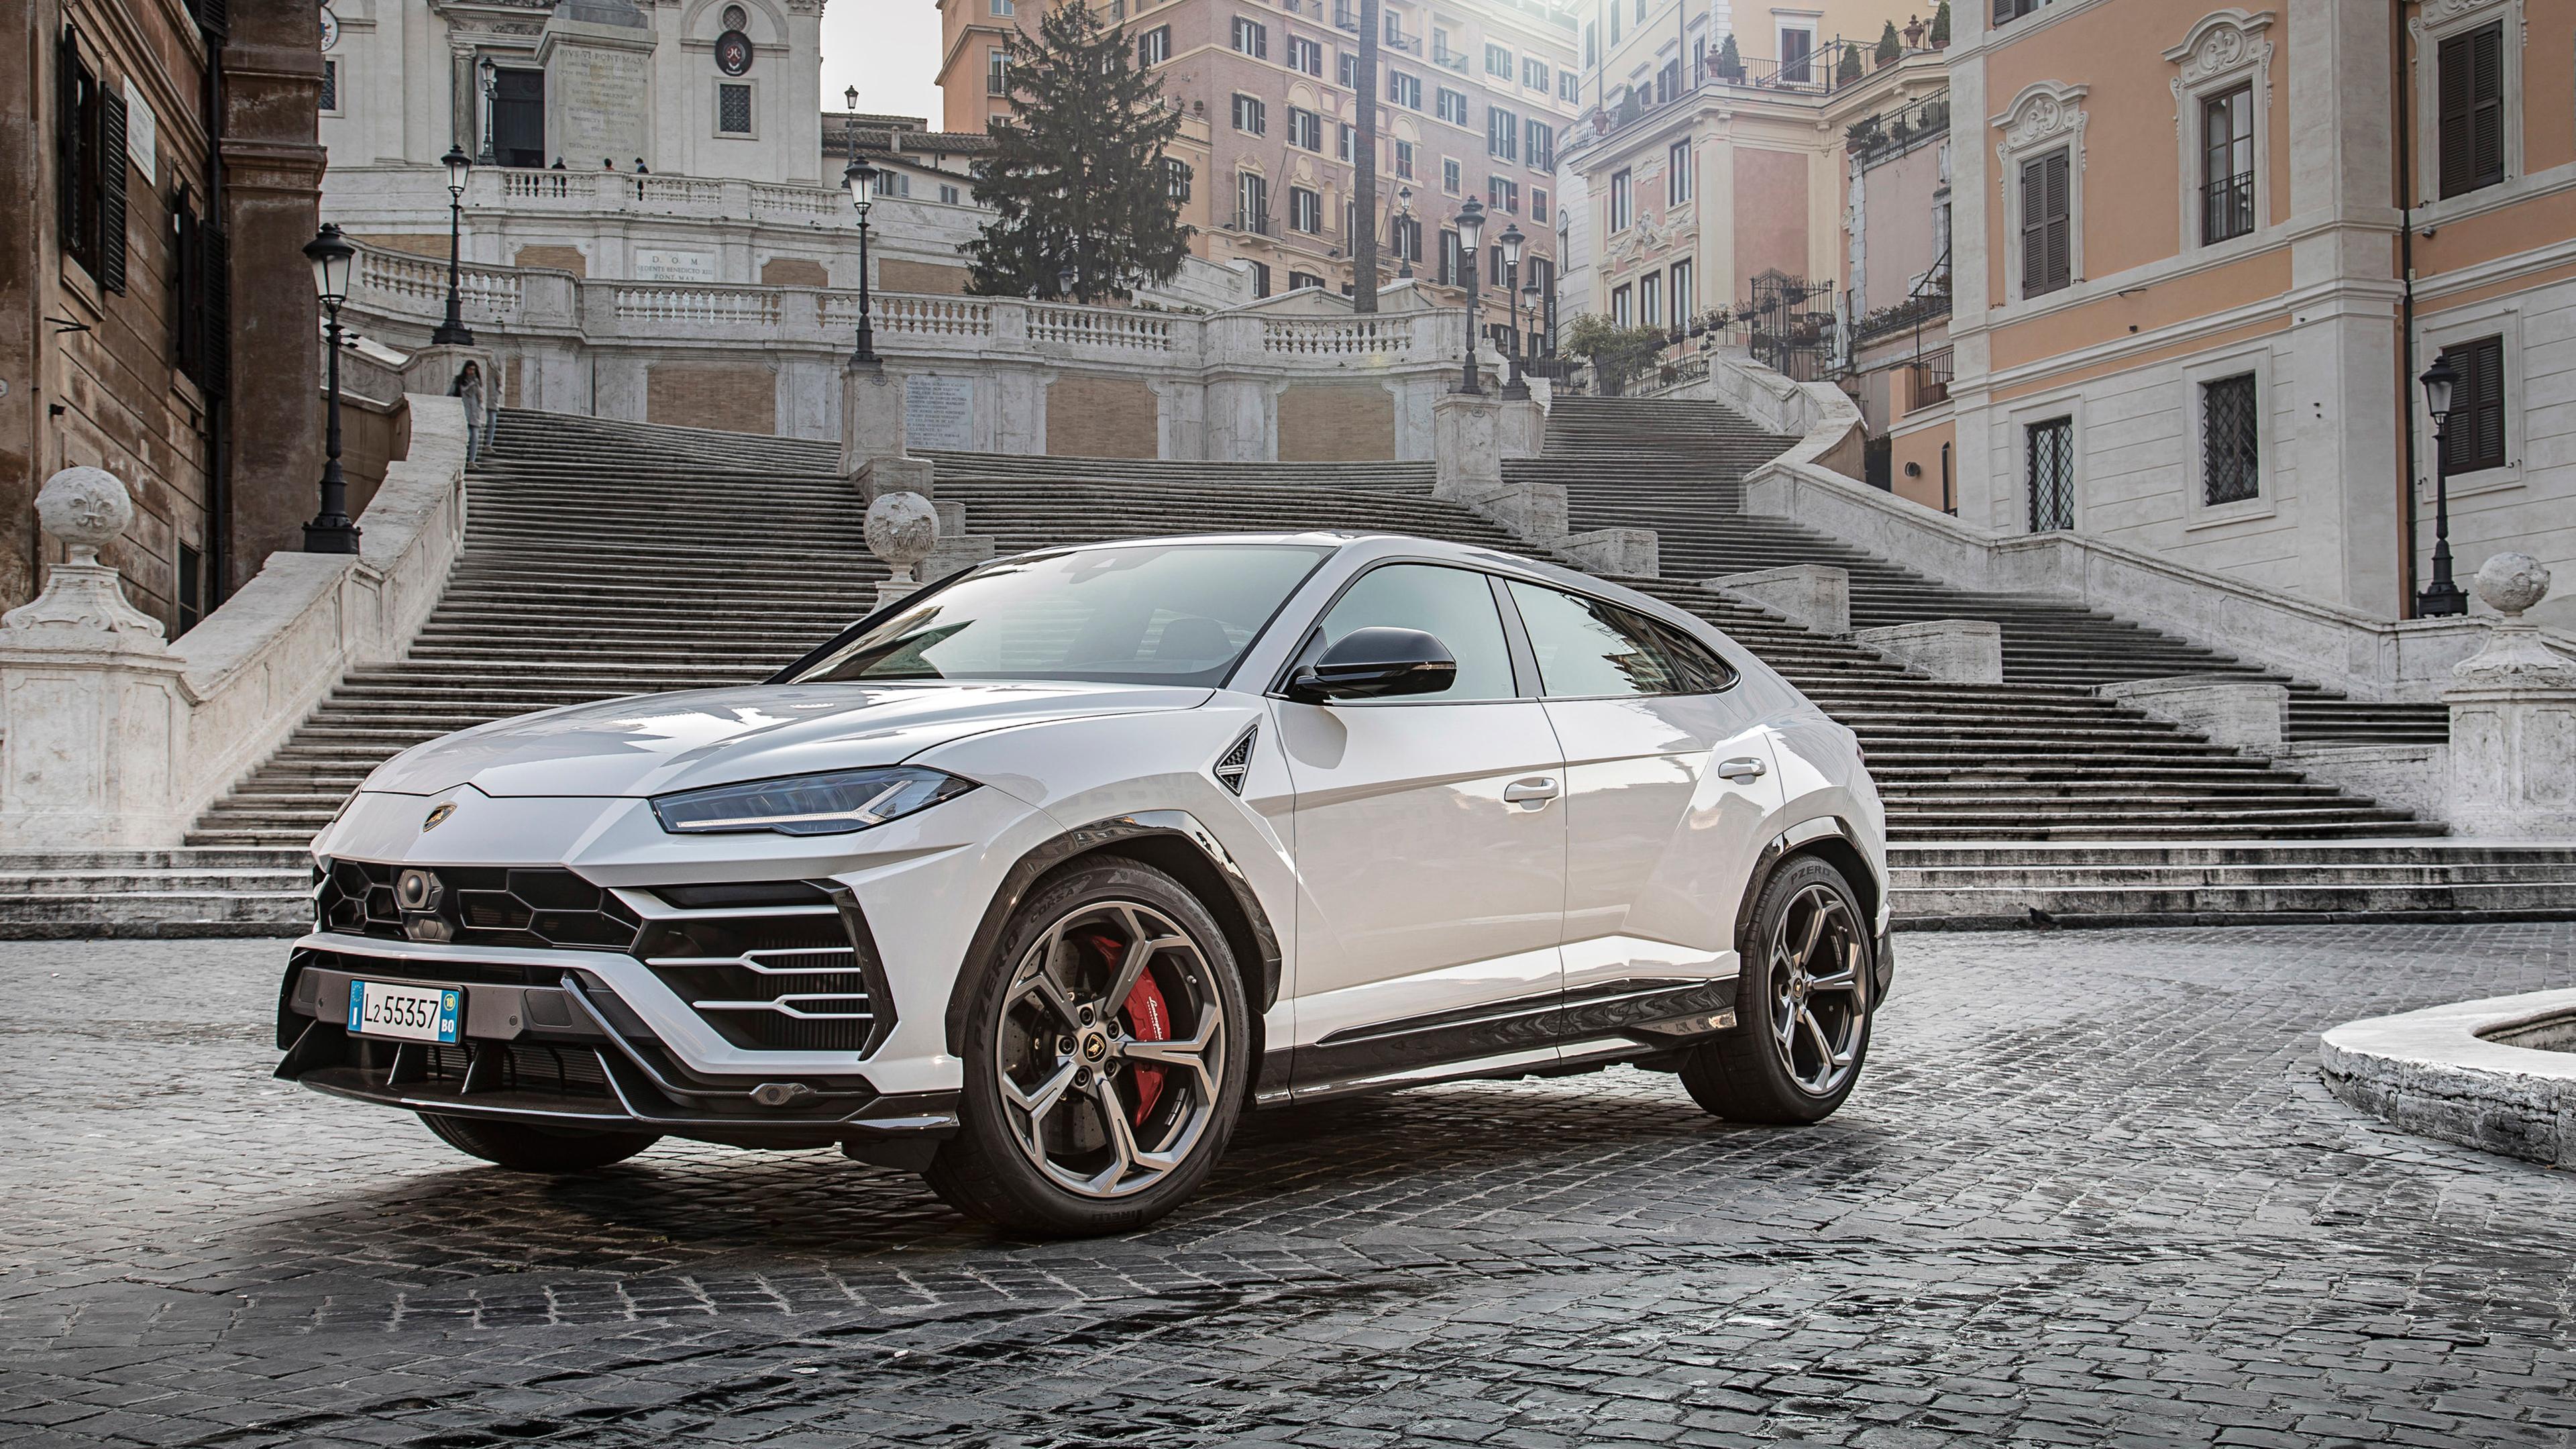 Lamborghini Urus 2018 4k 7 Wallpaper Hd Car Wallpapers Id 10173